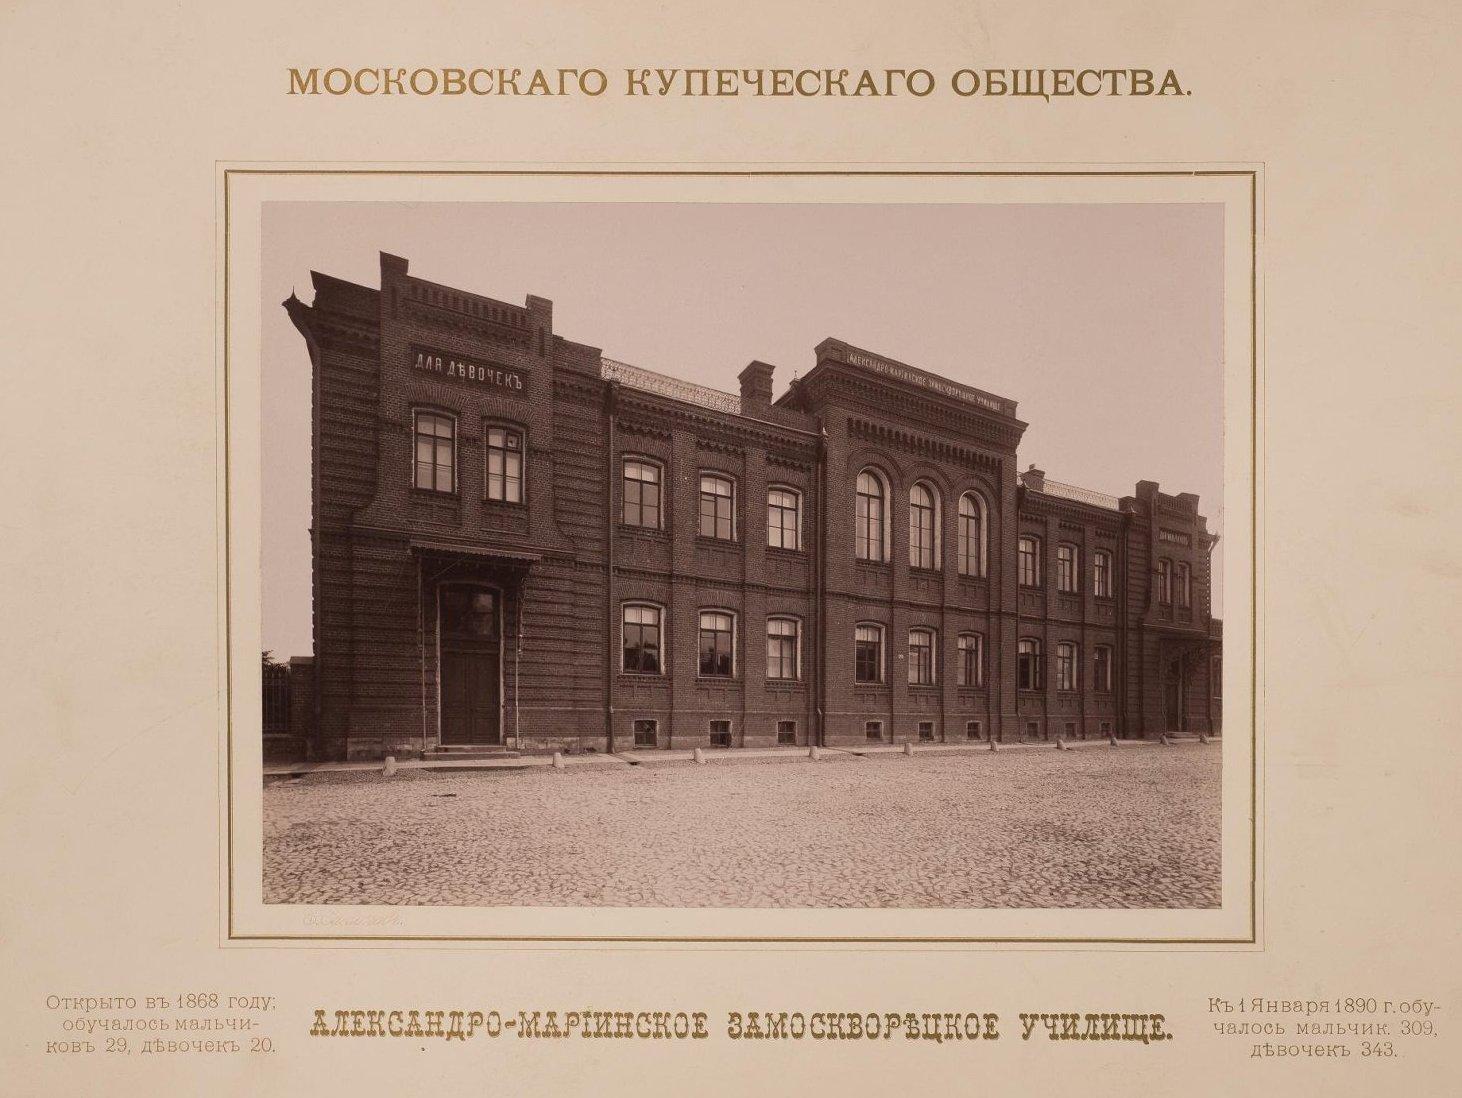 20. Александро-Мариинское замоскворецкое училище